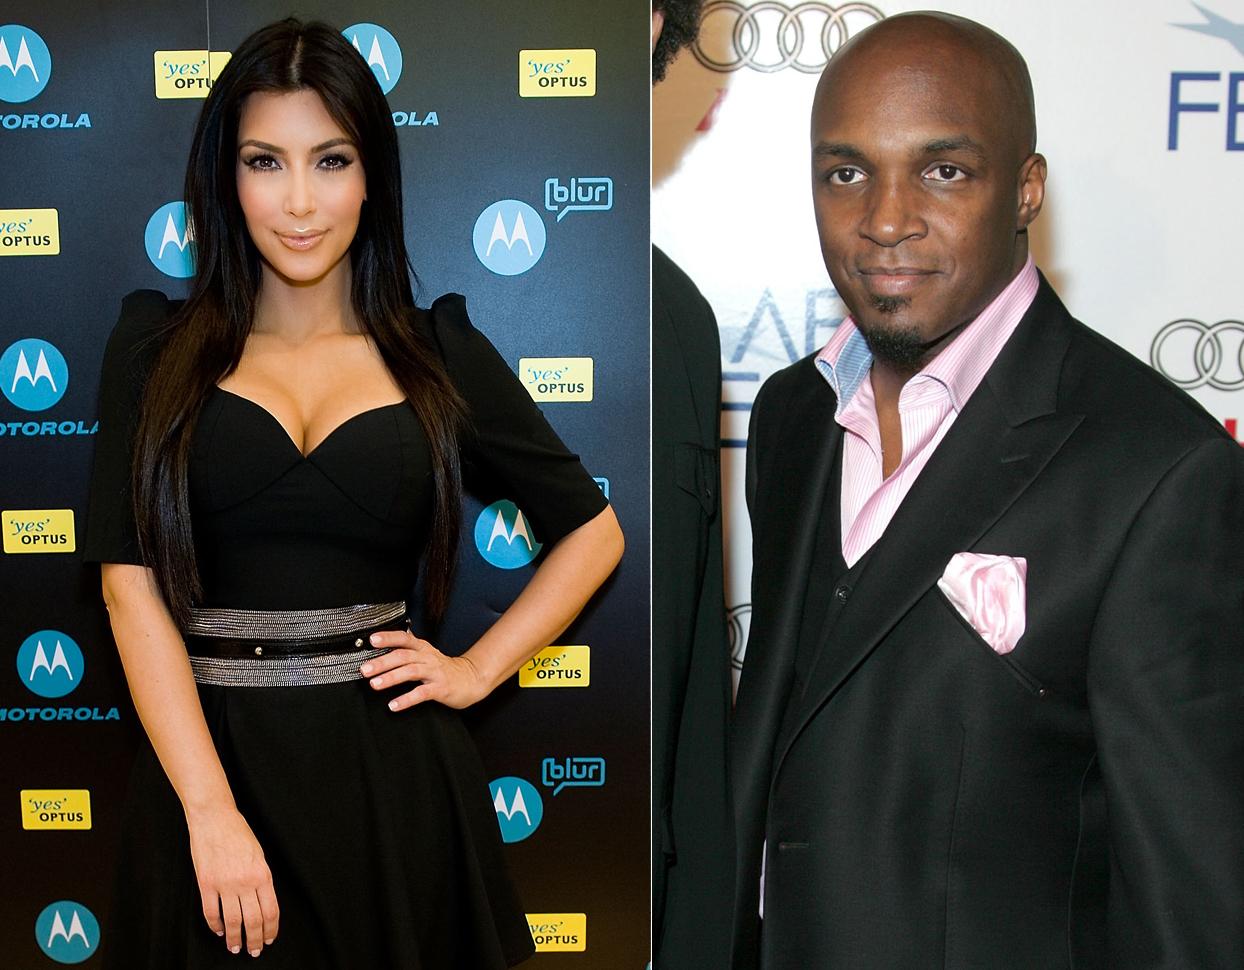 Kim Kardashian victime de violences conjugales, elle accuse son premier mari !s